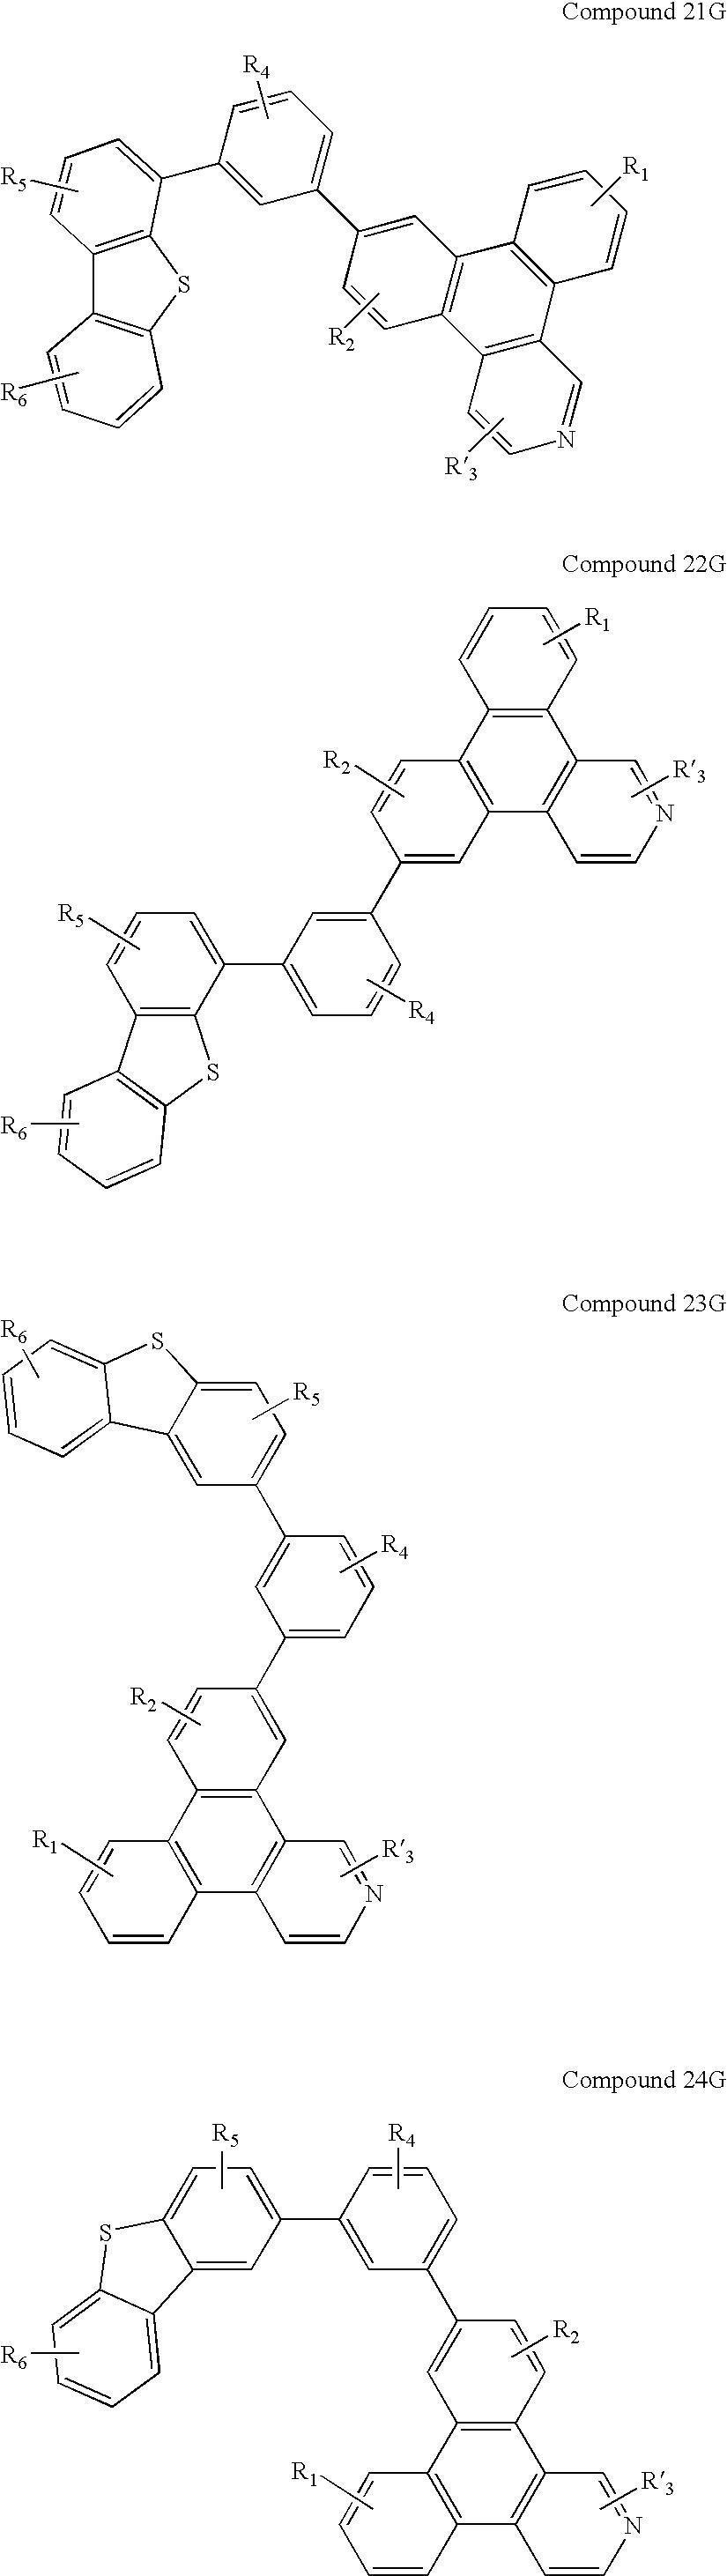 Figure US20100289406A1-20101118-C00018